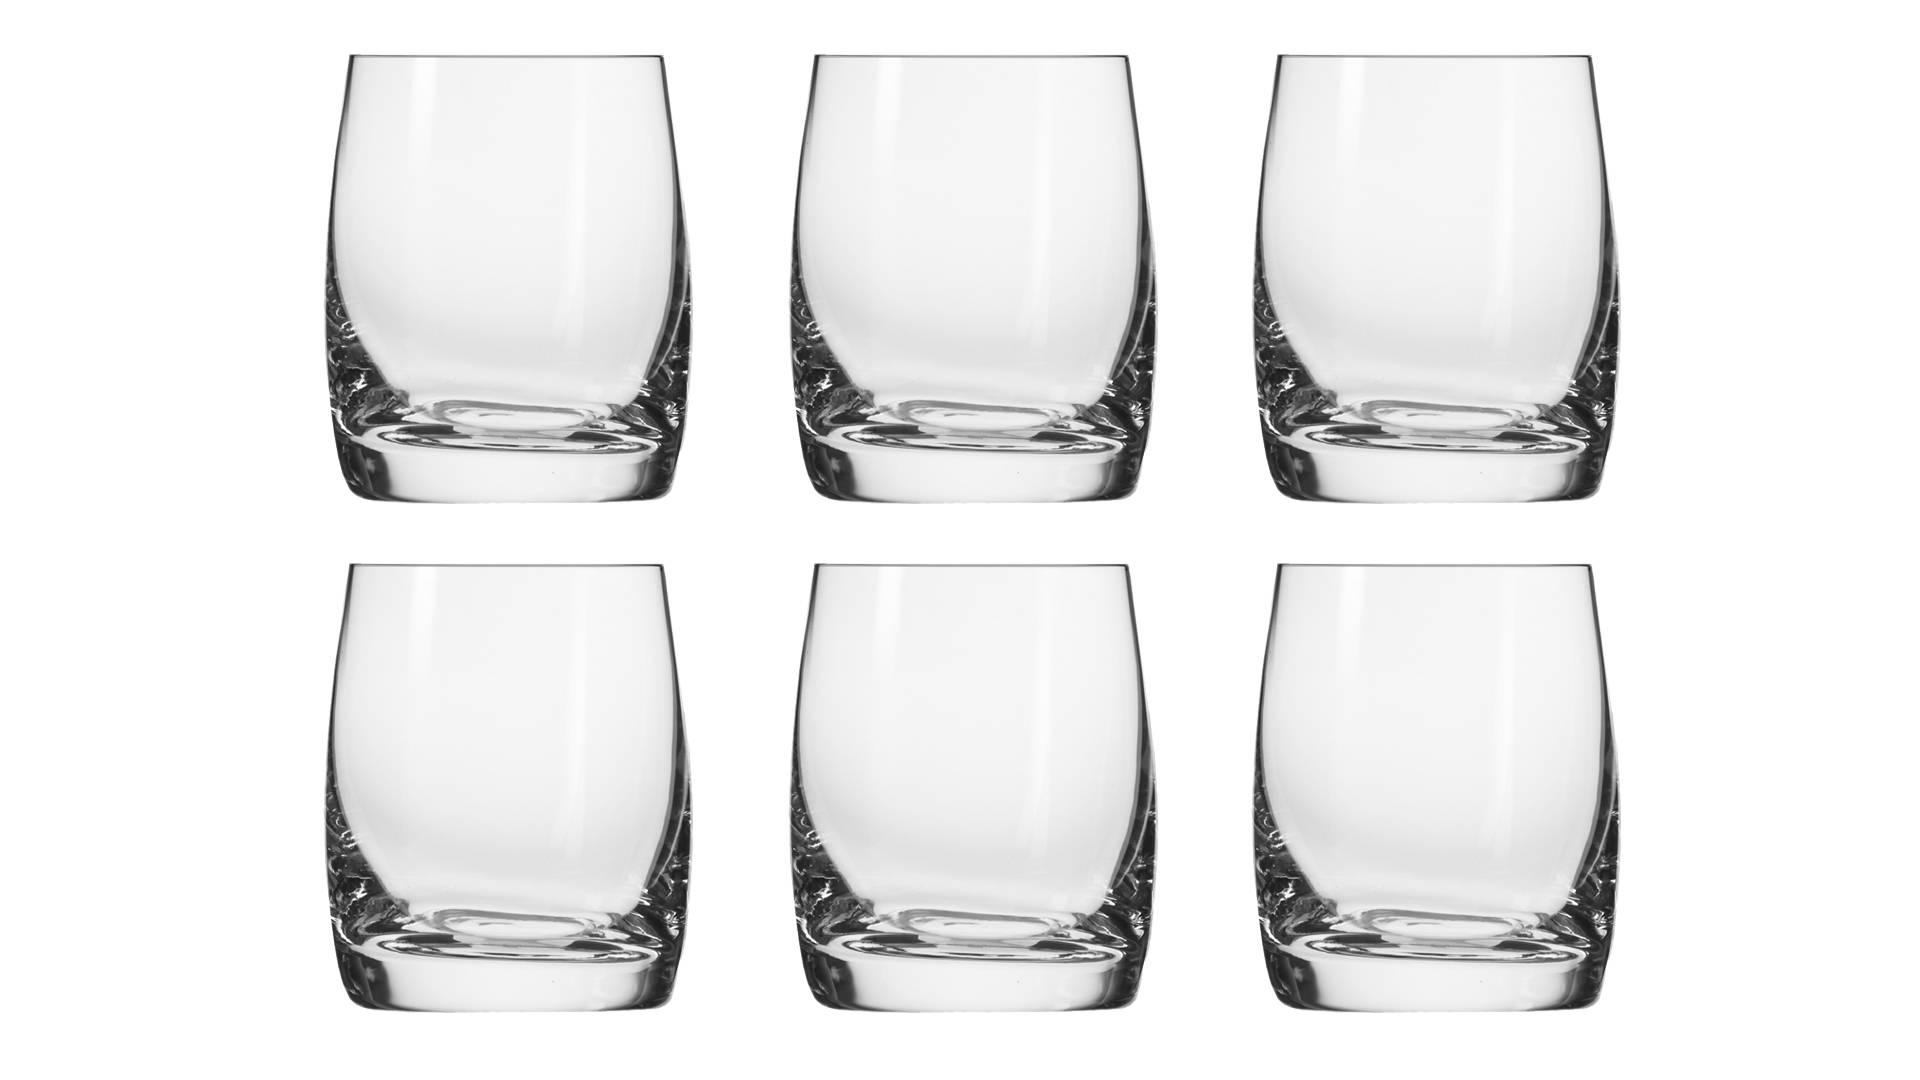 Стакан под виски, разновидности, материалы, критерии выбора